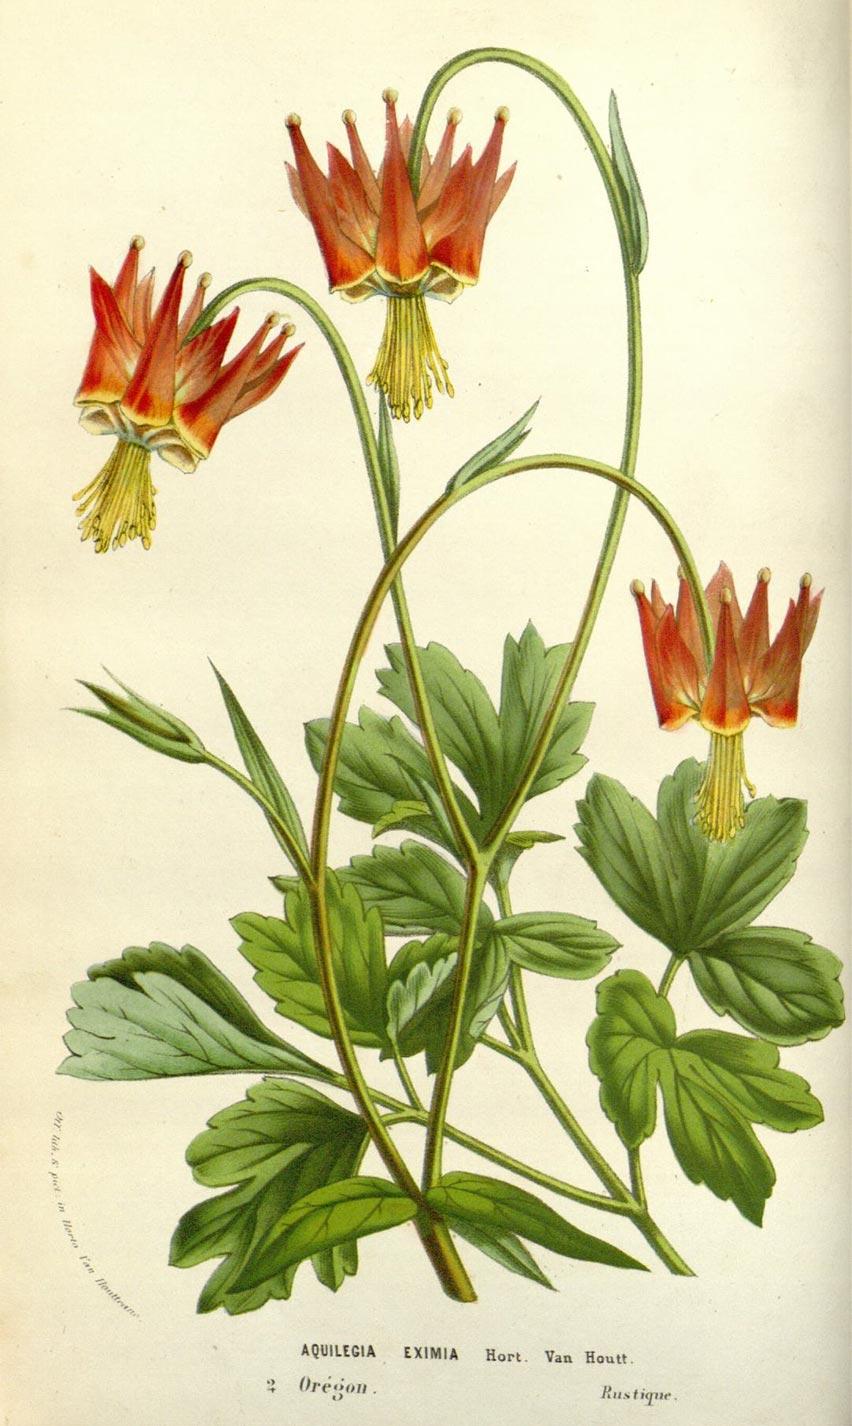 Planche botanique Aquilegia eximia